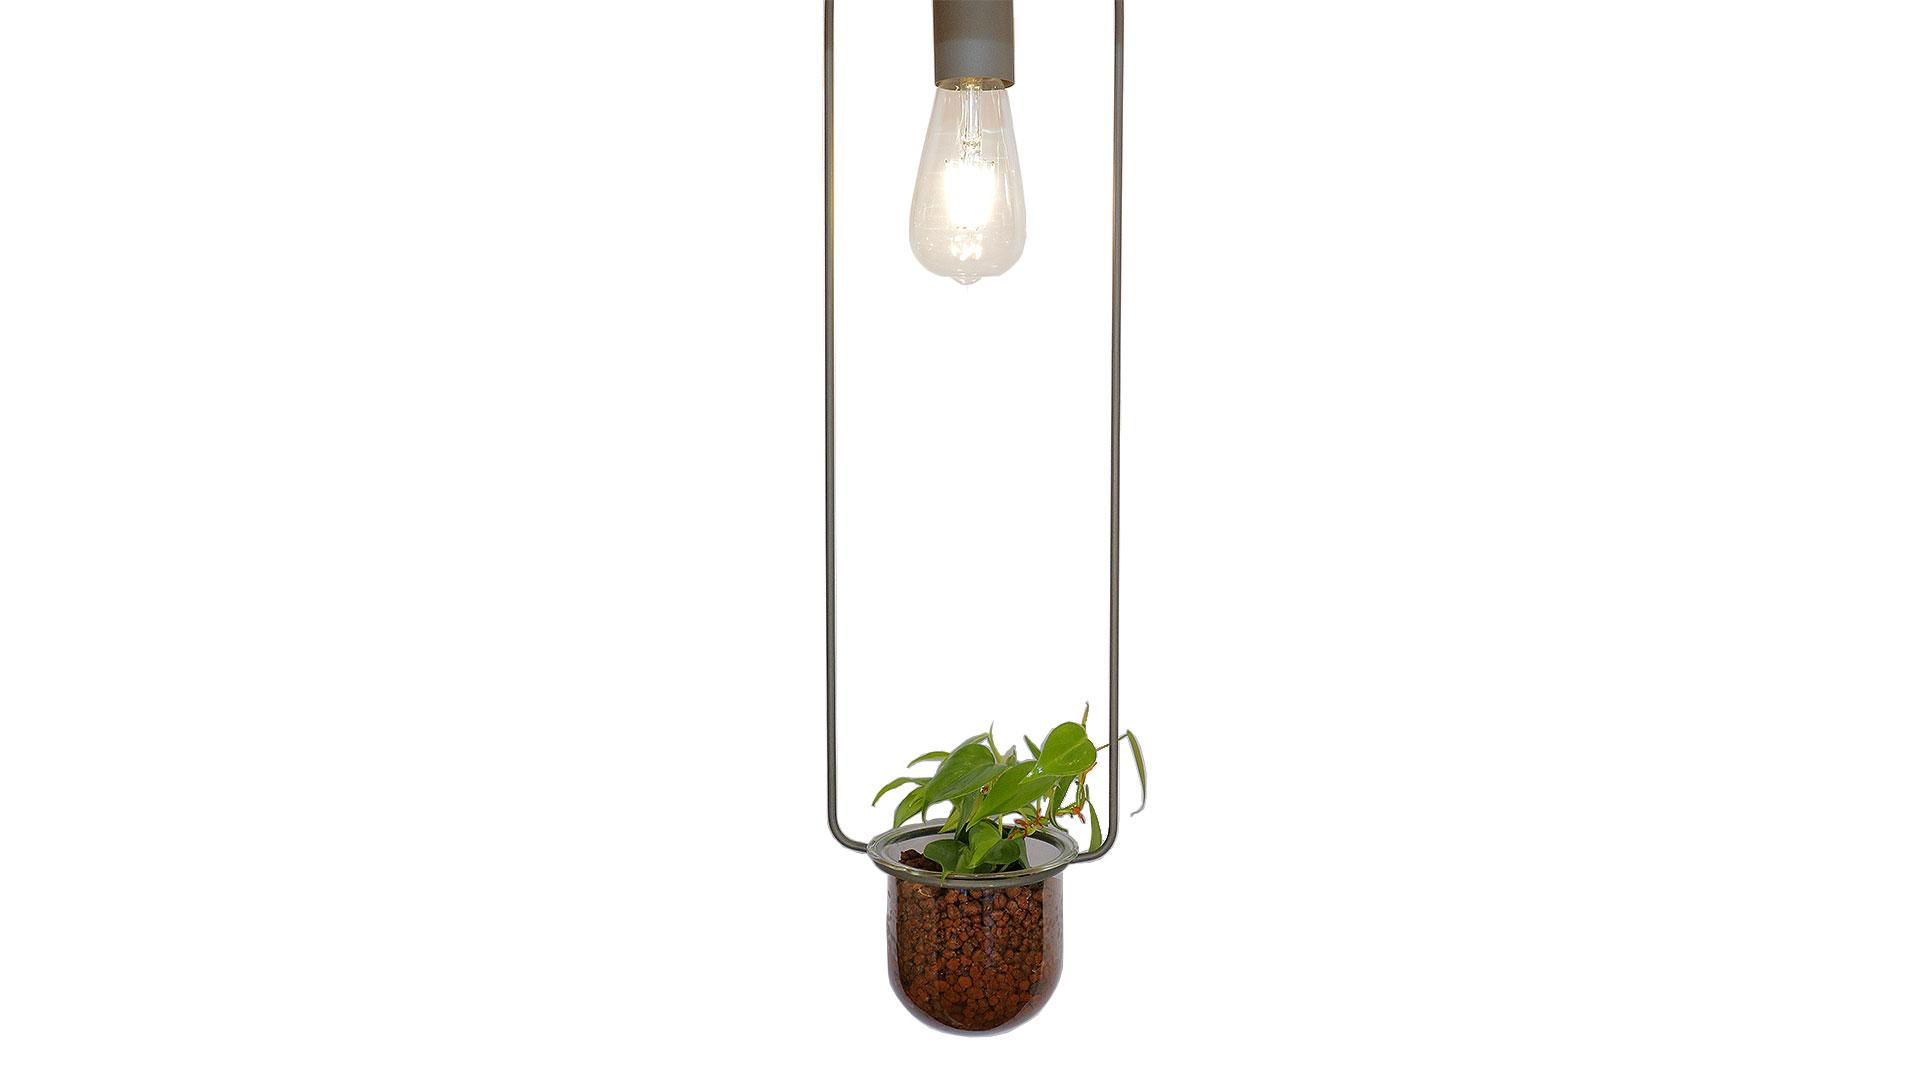 照明とハイドロカルチャーが一緒になった吊り下げ用のプランターポット